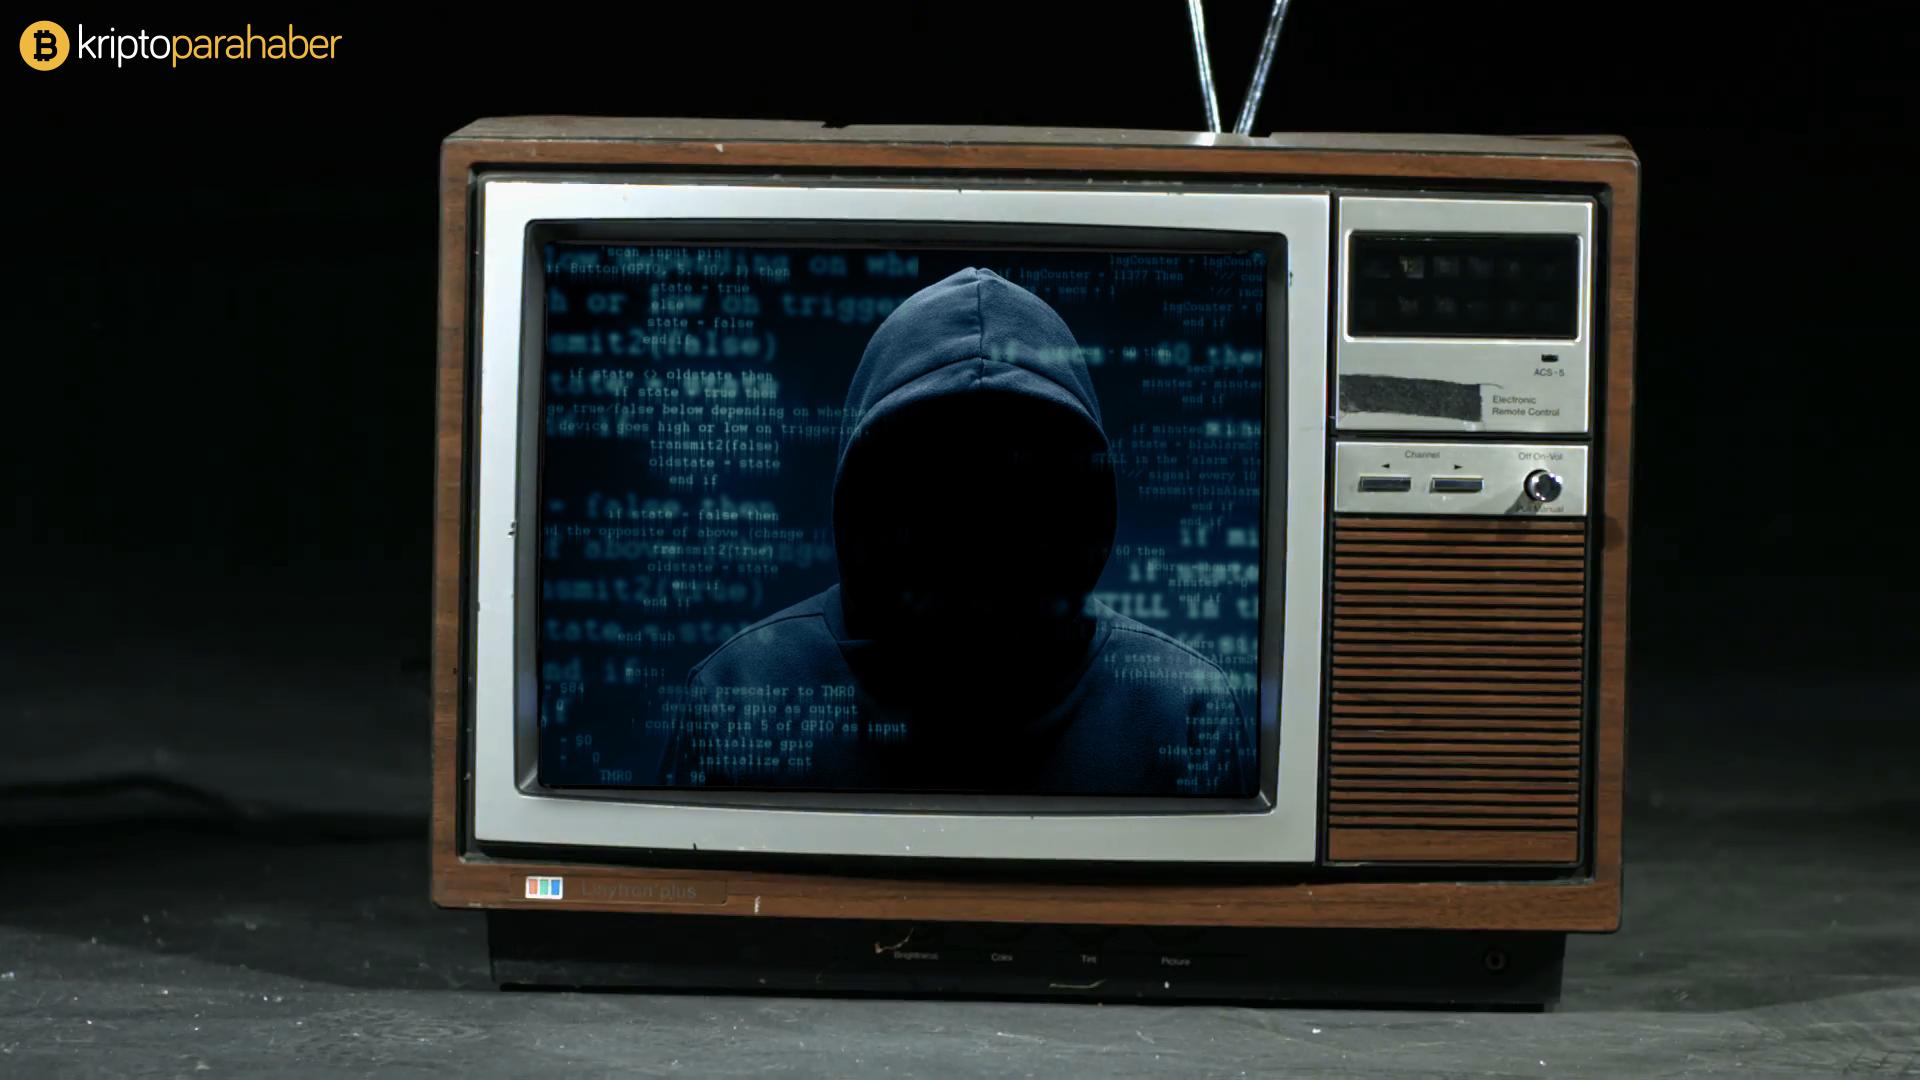 Coinrail hack olayıyla ilgili medyada bir algı operasyonu mu düzenleniyor?